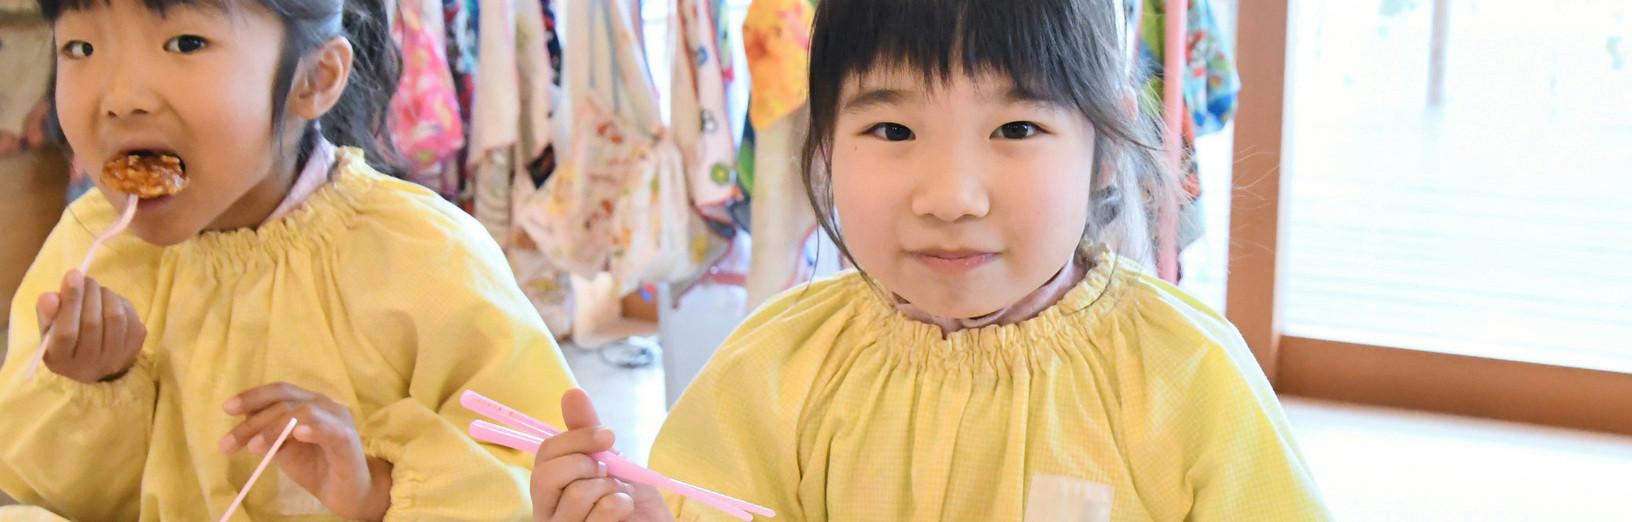 東松山の幼稚園の完全給食を子供が食べている様子